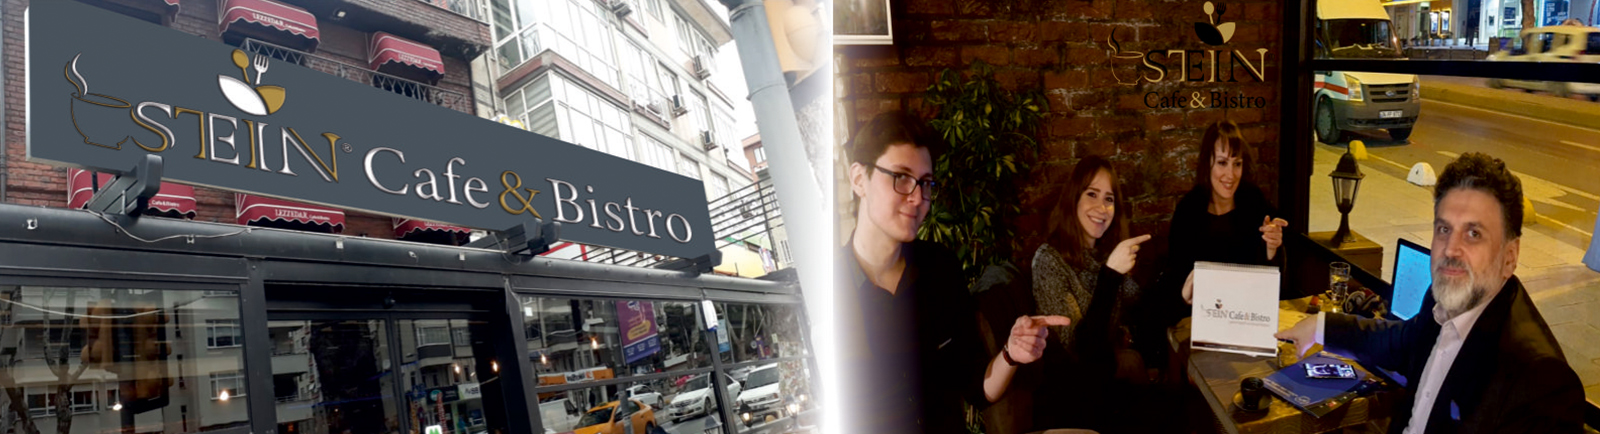 yeni marka keyif ve lezzet köşesi Stein Cafe ve Bistro